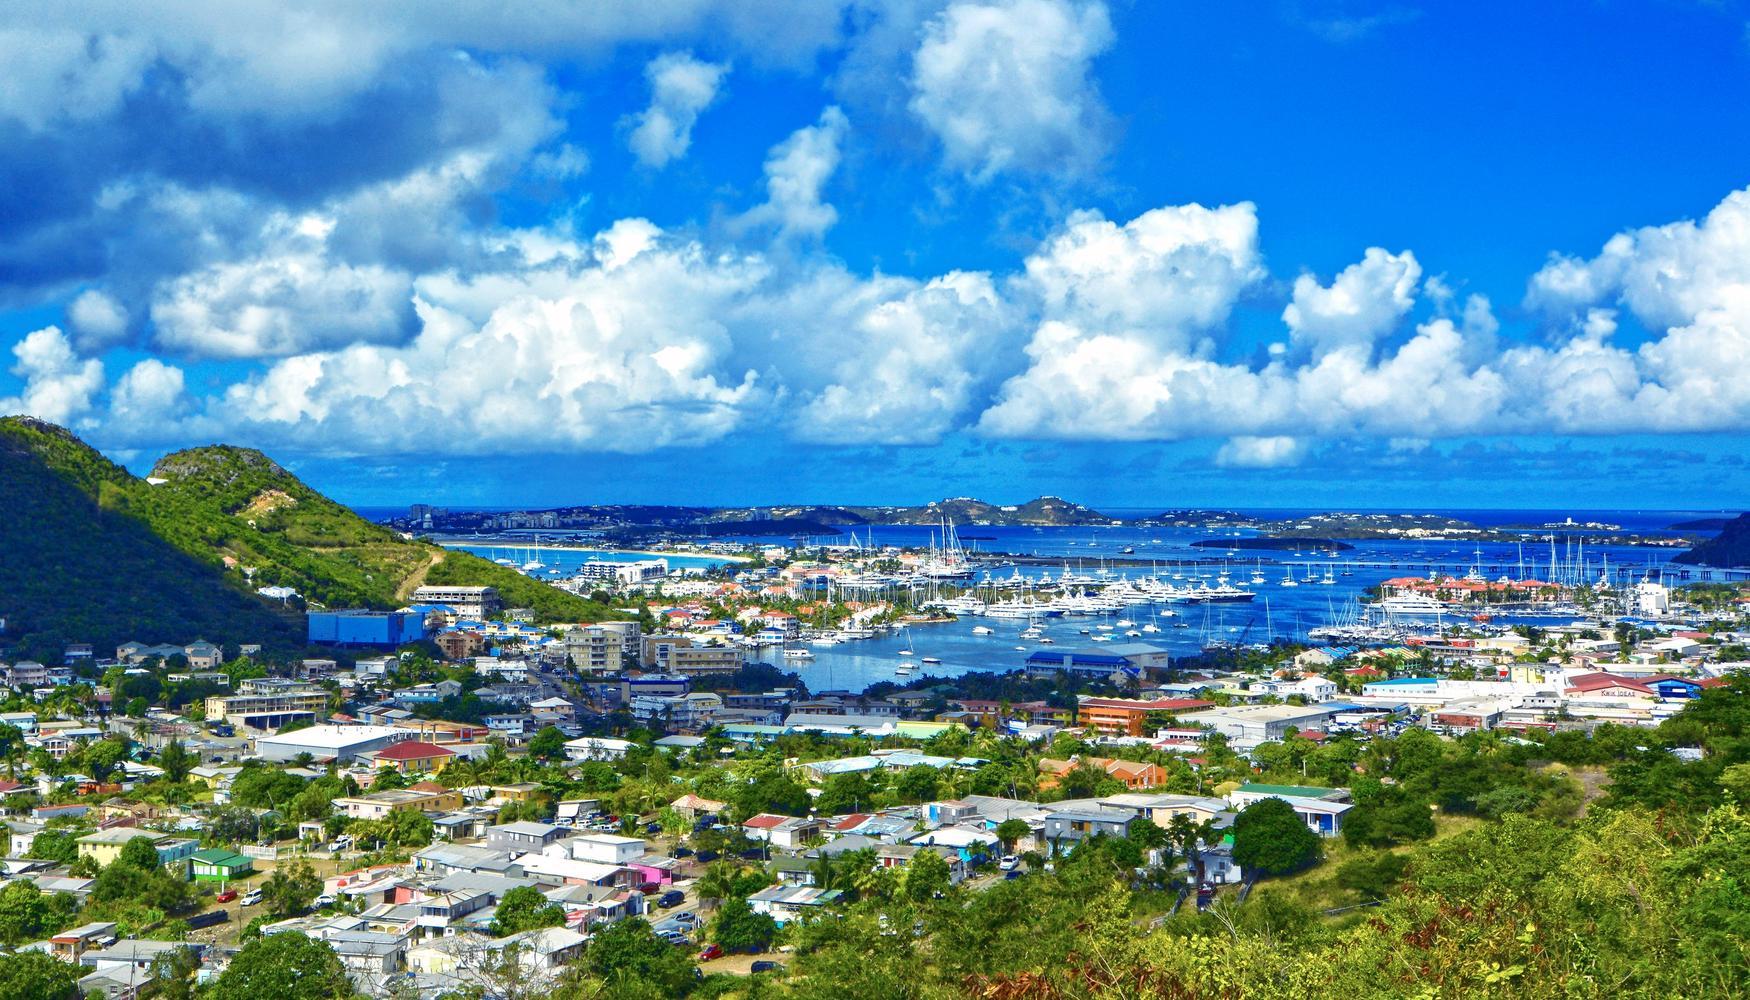 Renta de autos en isla de San Martín